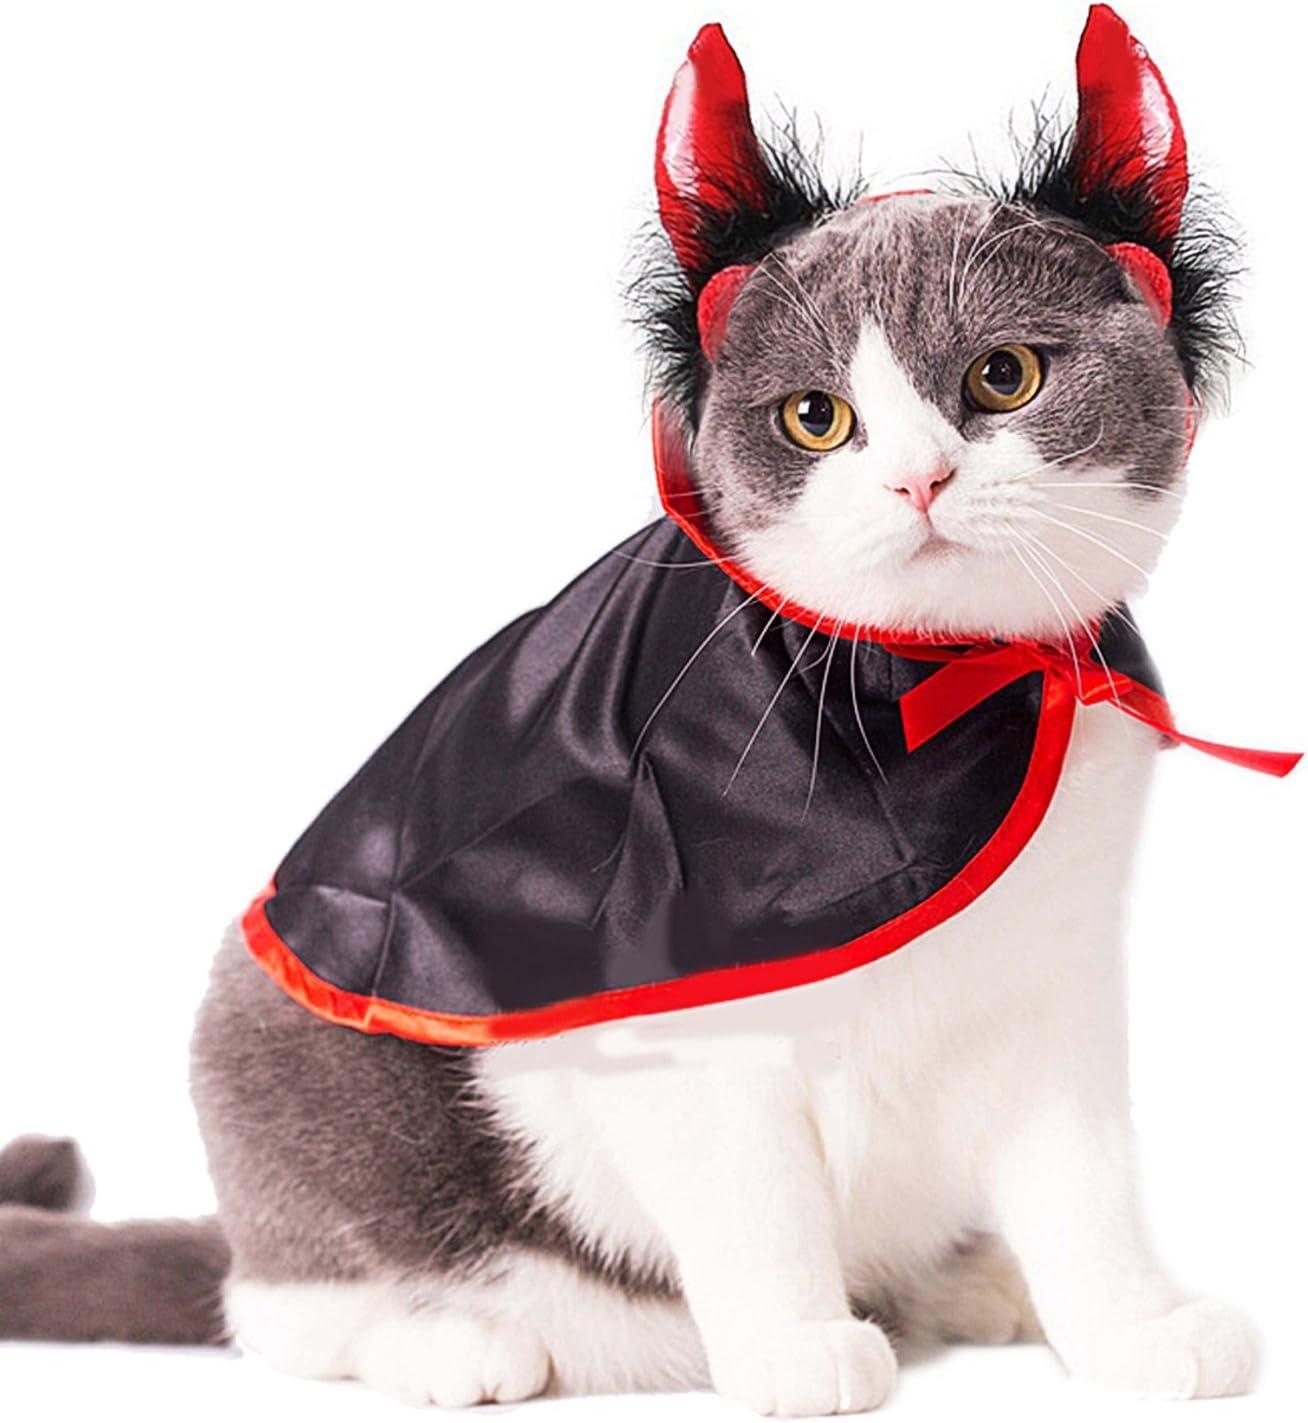 A cat wearing a devil costume